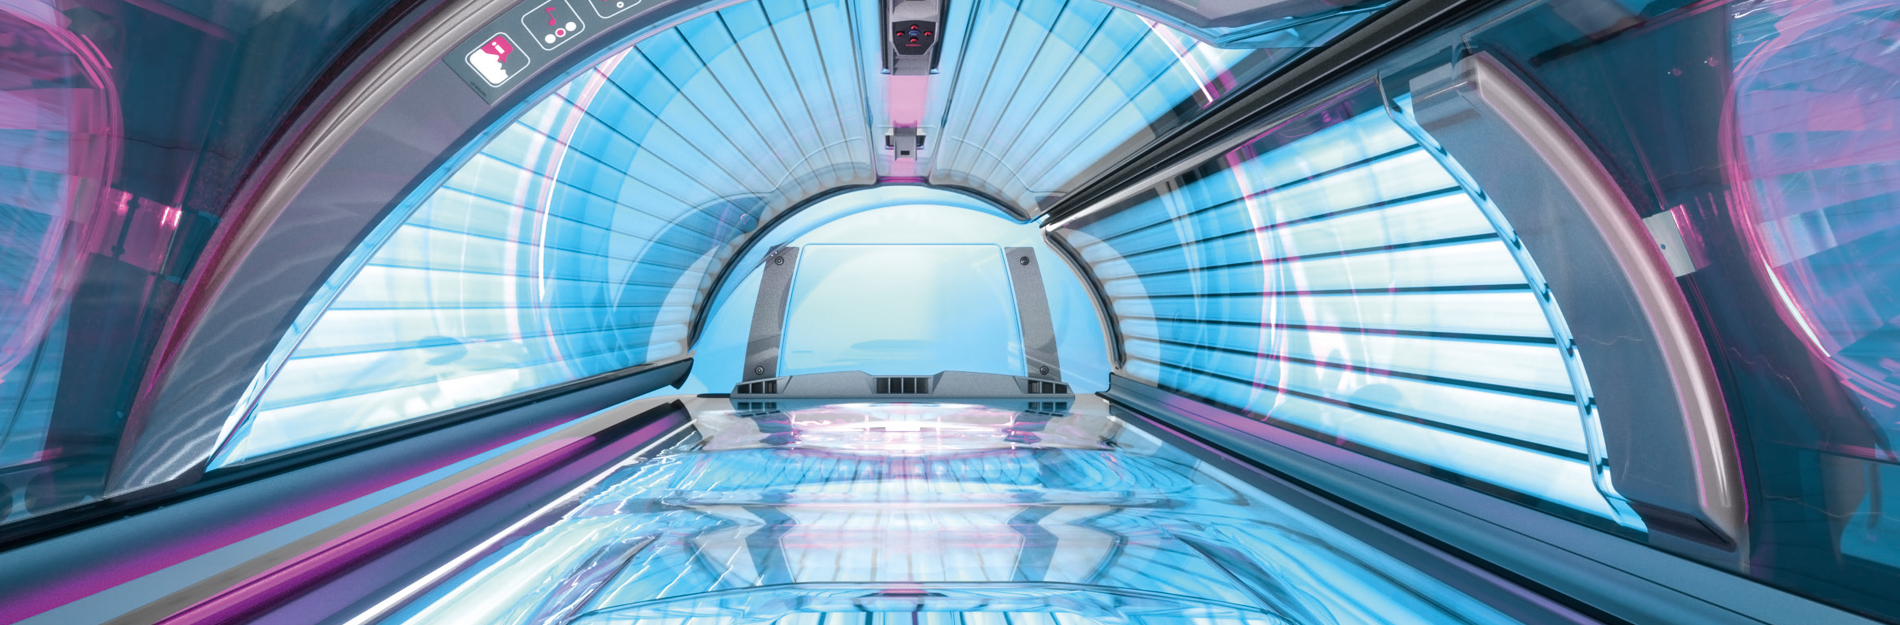 Otte Solarien - UV Technik